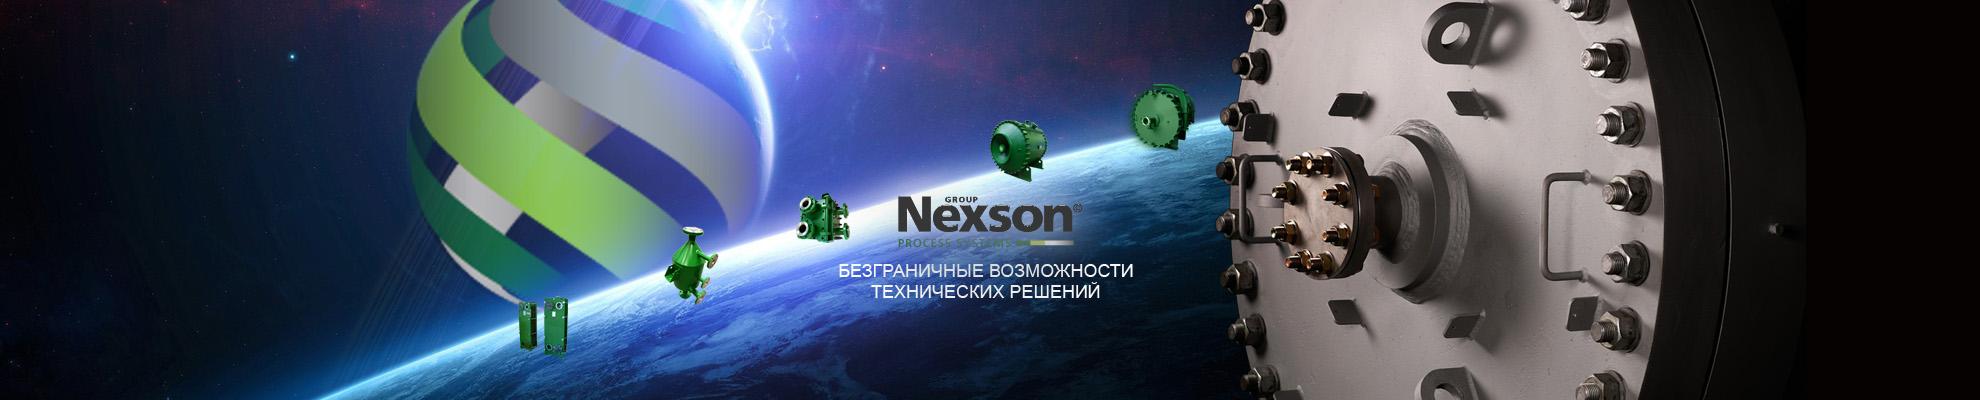 Нексан - теплообменники